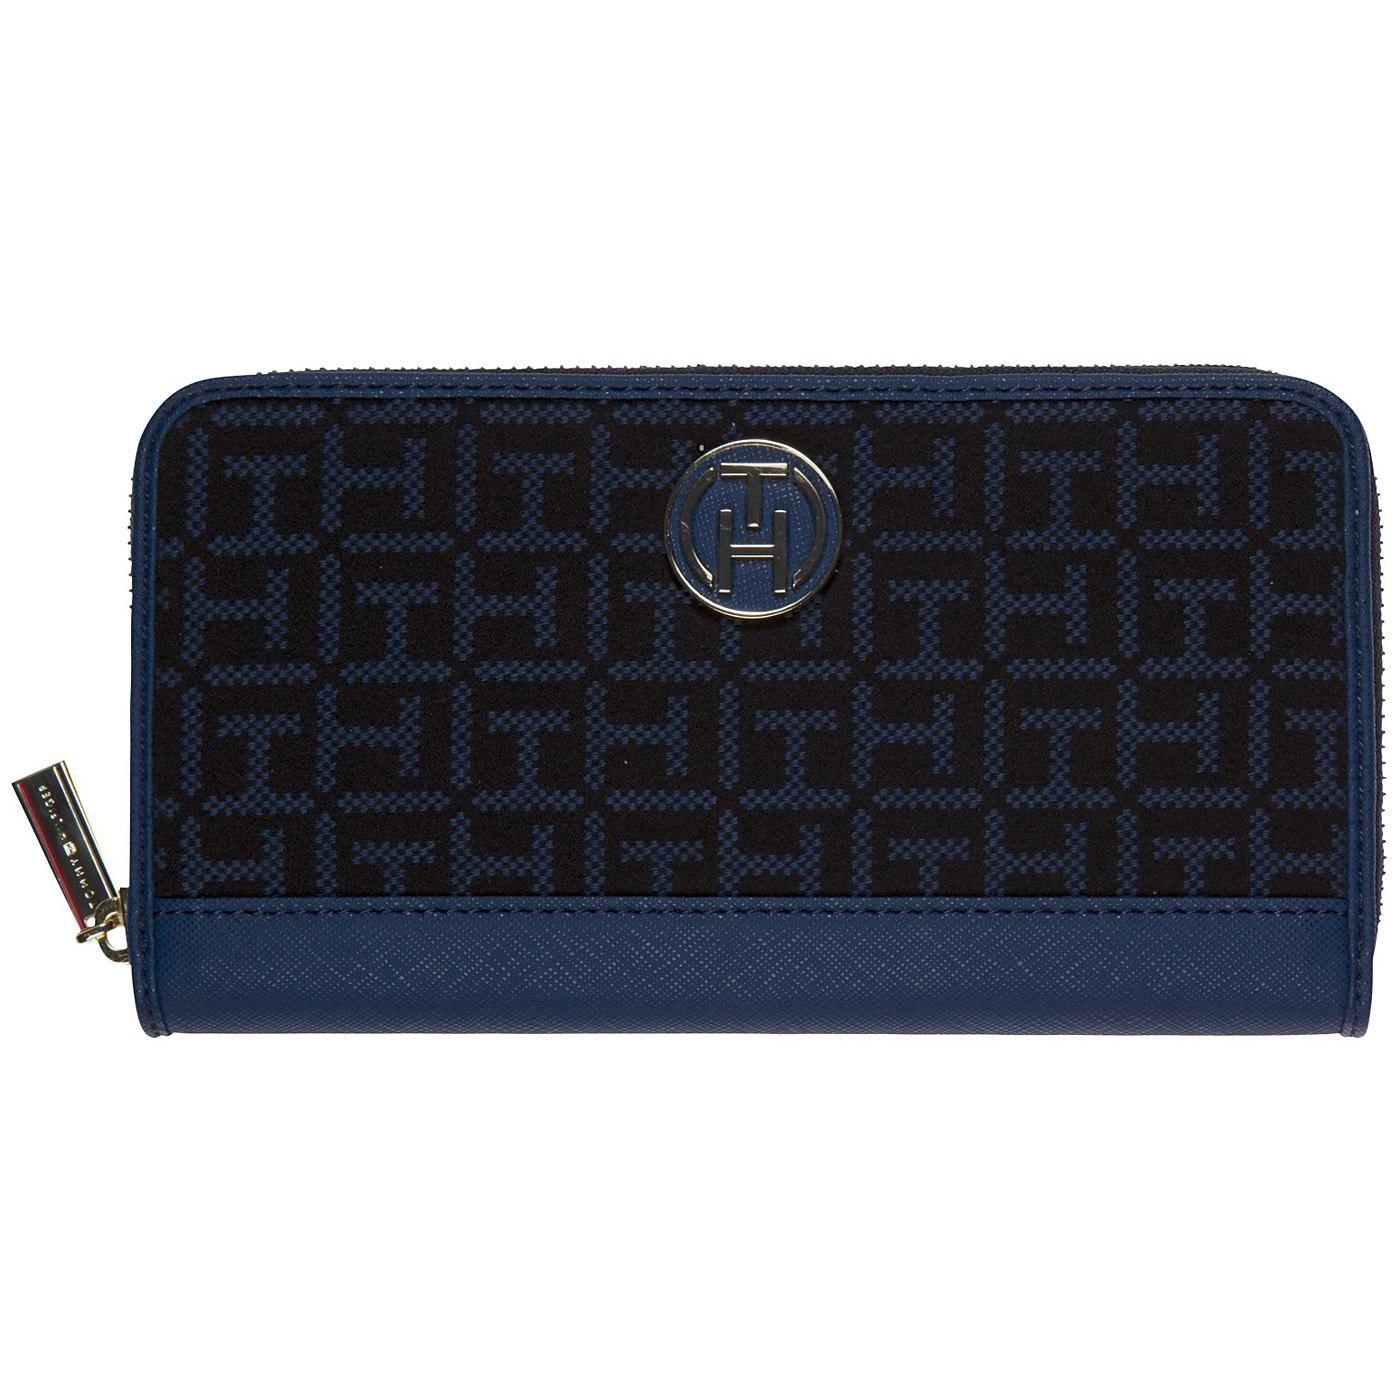 Sportliche, zweifarbige Geldbörse von Tommy Hilfiger aus einem Baumwolle-Synthetik-Mix mit Logomuster und Reißverschluss für eine sichere Verstauung. 52% Baumwolle, 48% Polyester...